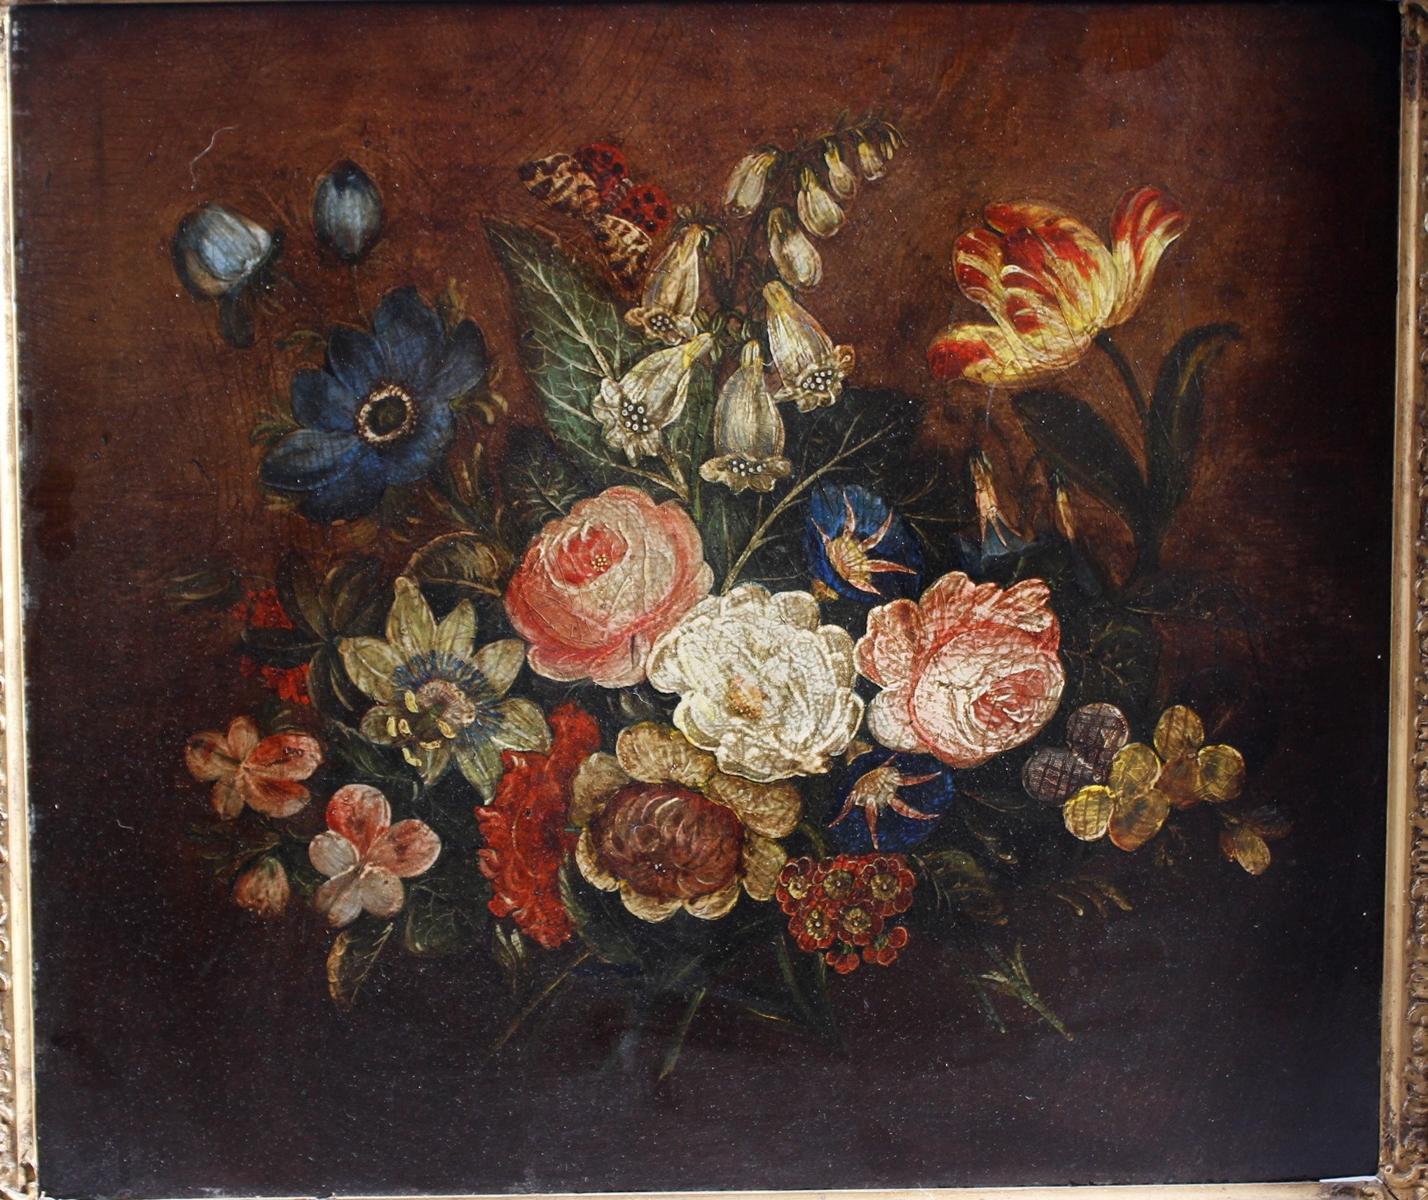 Unbekannter Künstler um 1900, Blumenstilleben mit Insekten-2